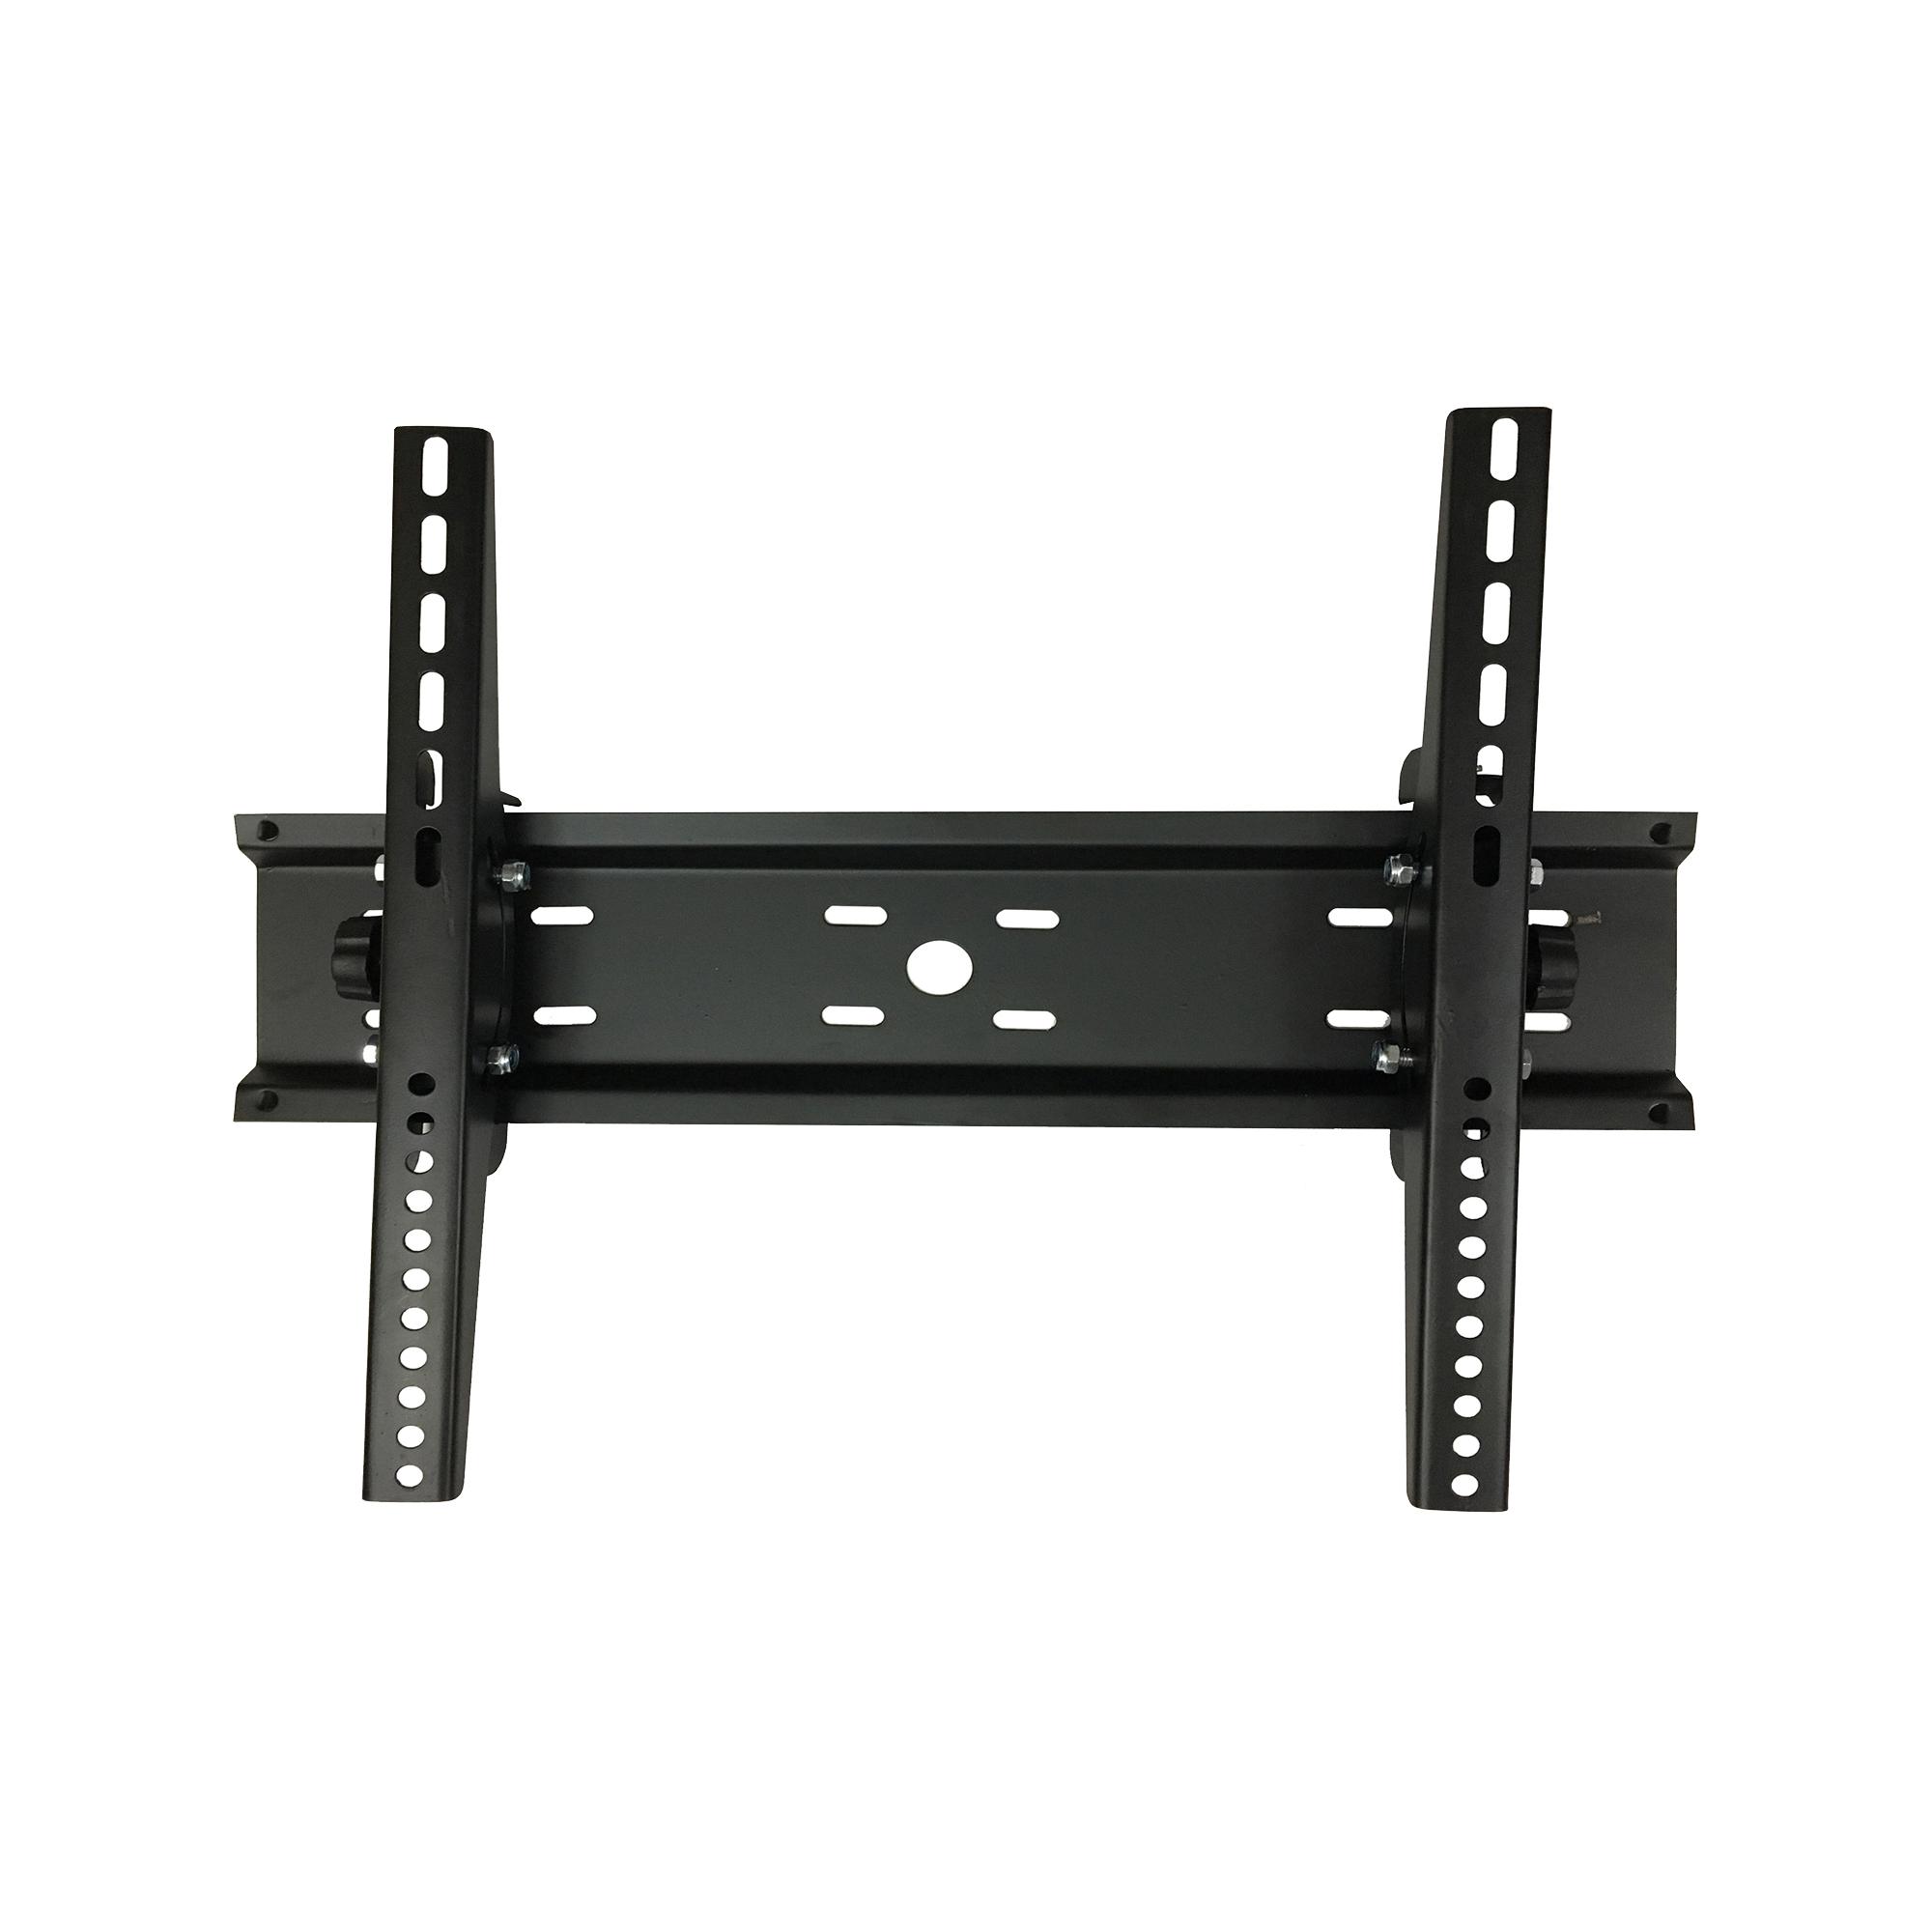 پایه دیواری تلویزیون ایفل براکت مدل E2 مناسب برای تلویزیون های سایز 32 تا 52 اینچ